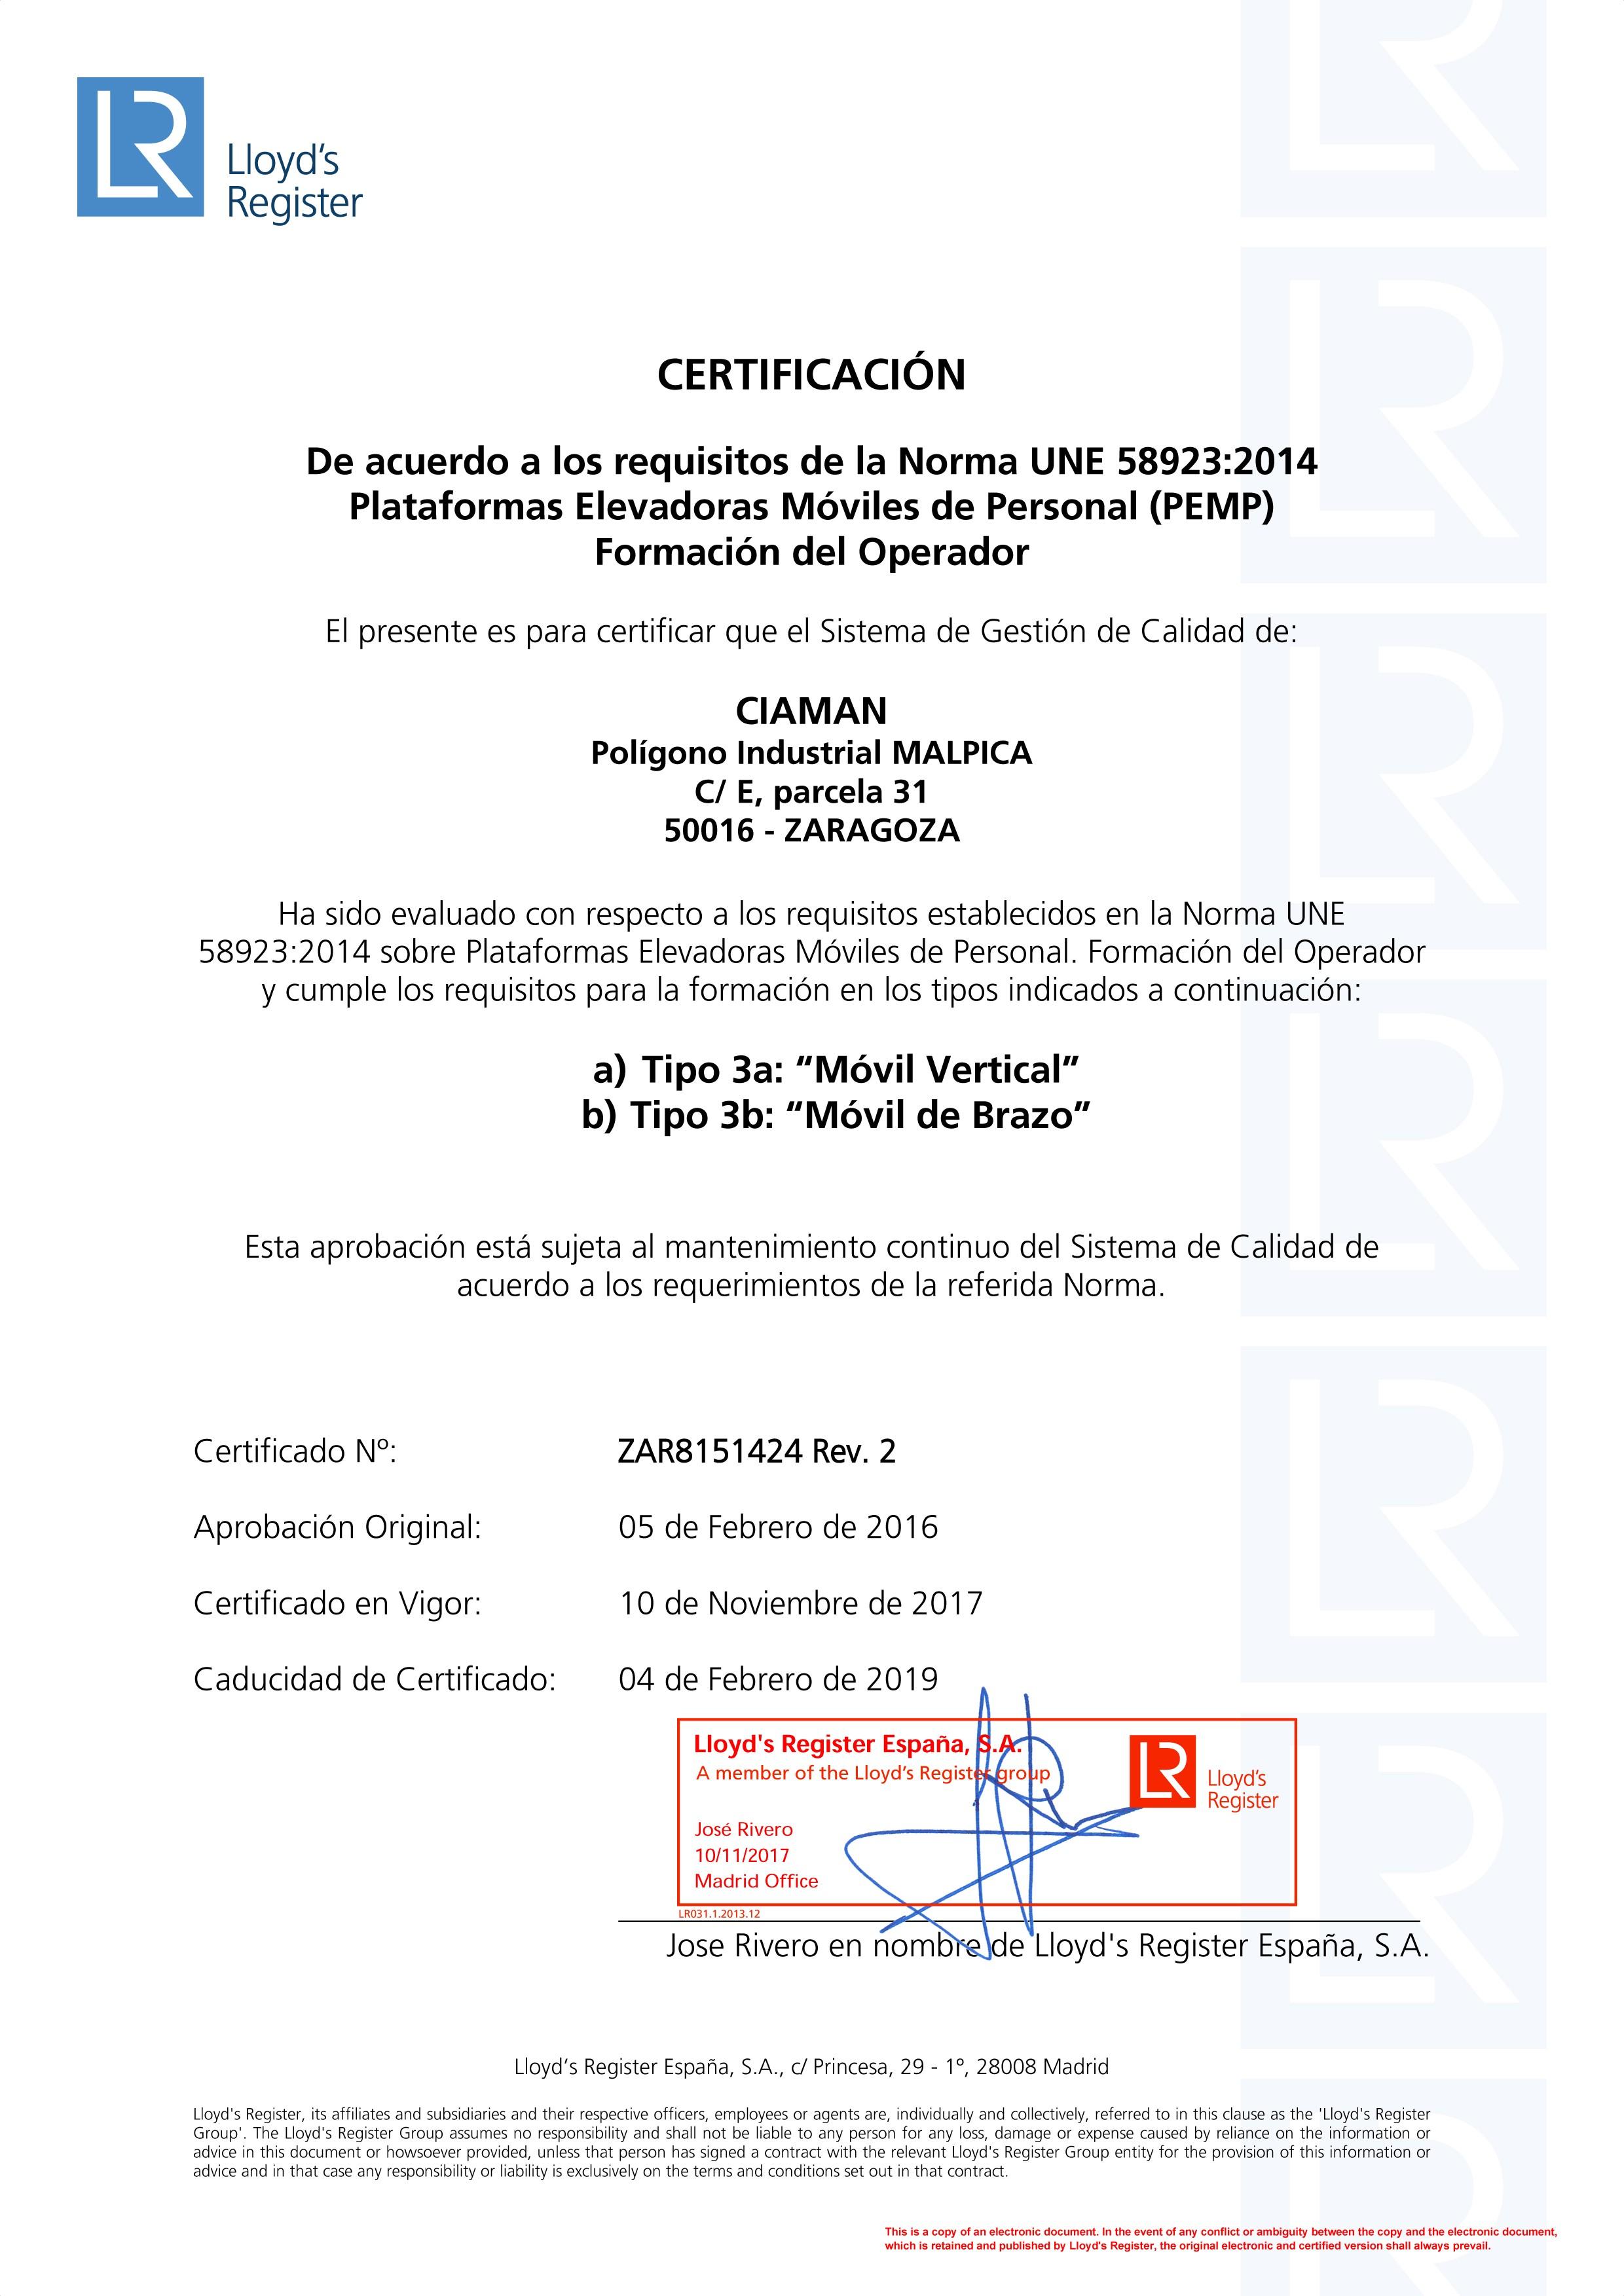 Calendario Laboral 2019 Malaga Más Recientes Magnfico Certificado Para El Operador De La Carretilla Of Calendario Laboral 2019 Malaga Actual Unicaci³n – Medena